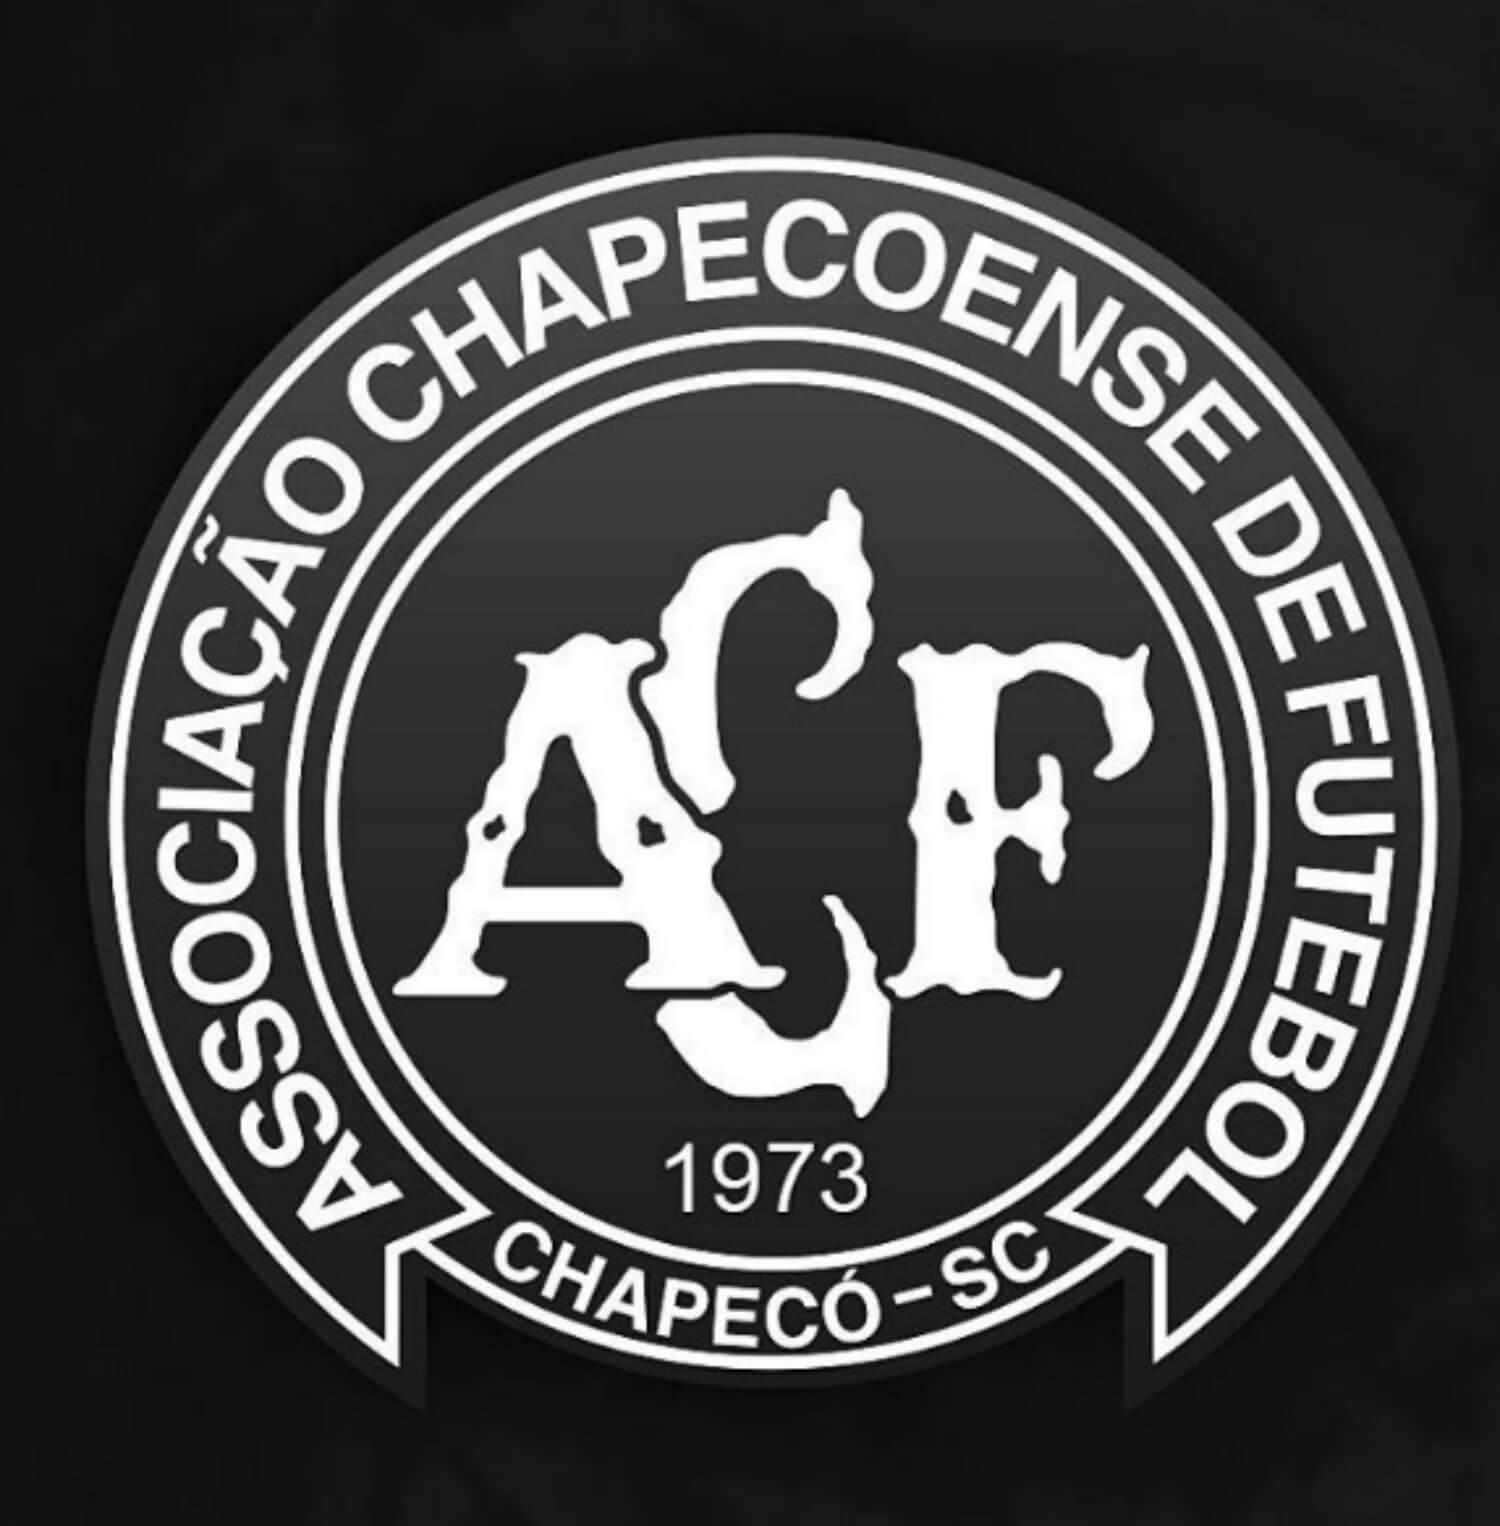 Caldense também utilizou o escudo da Chapecoense como foto em rede social